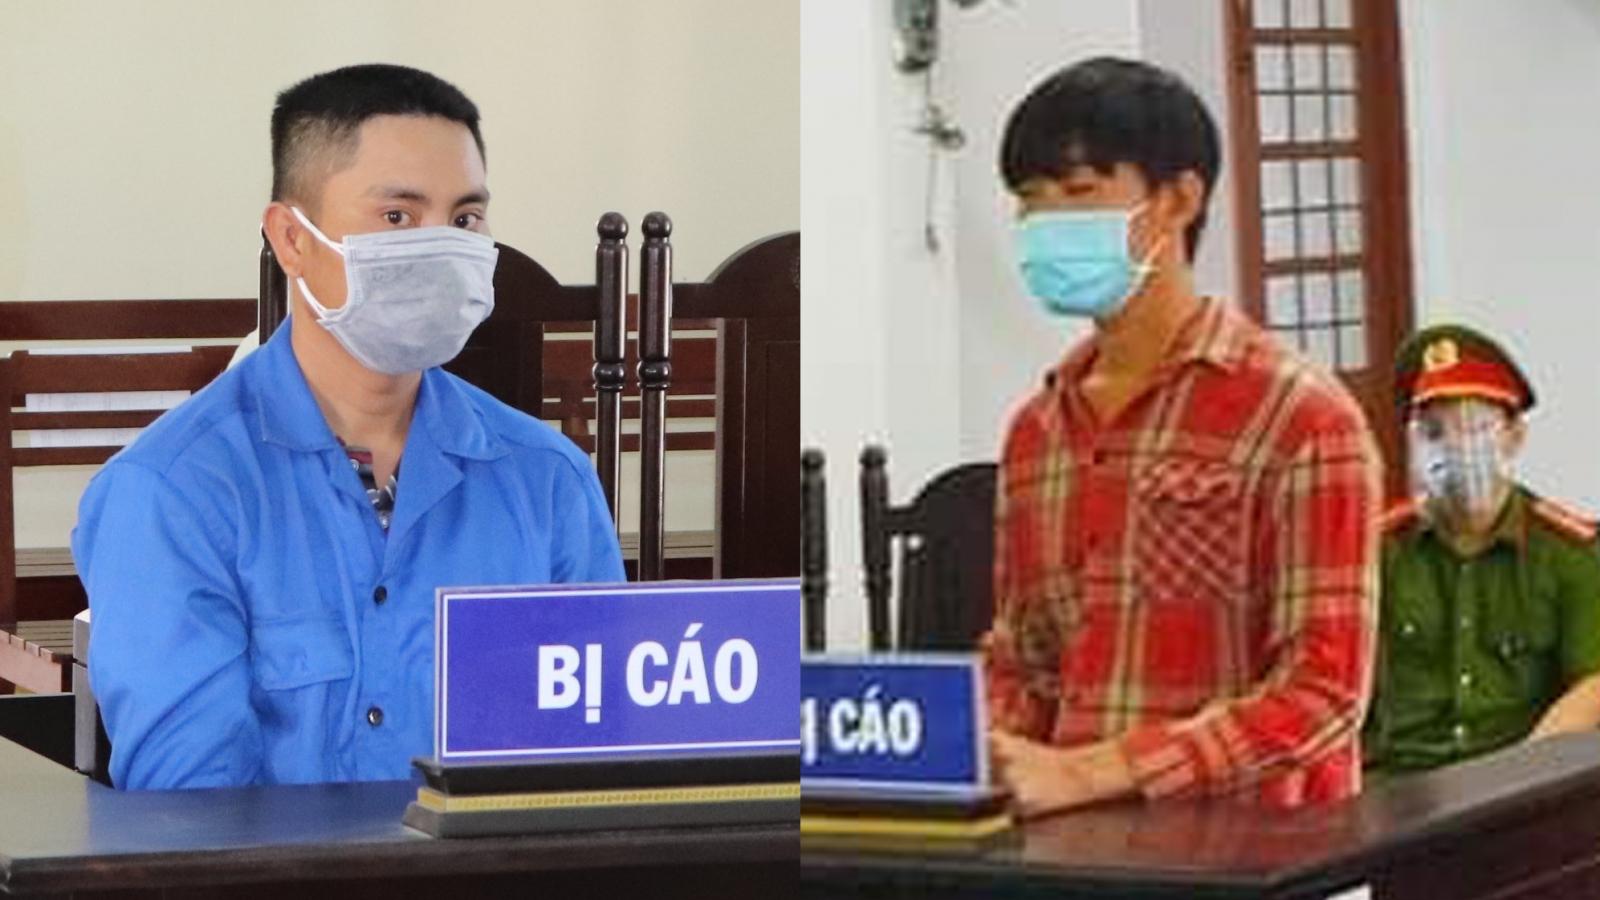 Lĩnh án tù vì tấn công lực lượng phòng chống dịch Covid-19